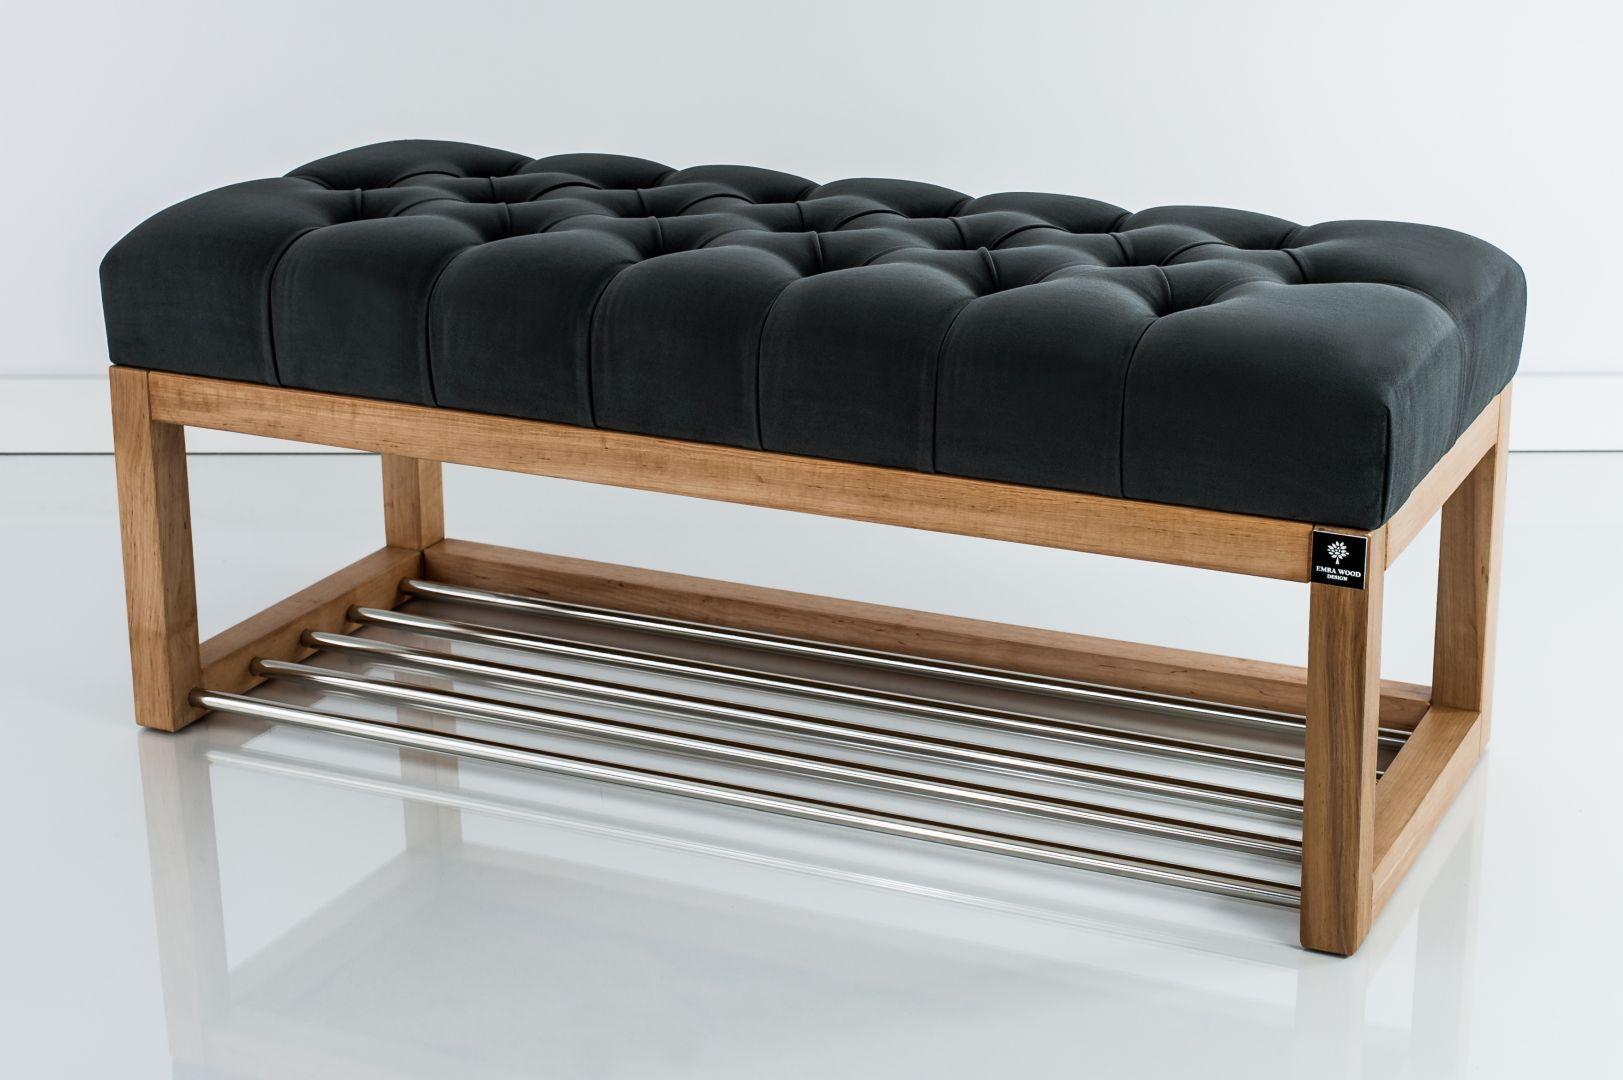 Lawka Tapicerowana Pikowana Do Przedpokoju Siedzisko Koloru Grafitowego Wood Bench Small Furniture Furniture